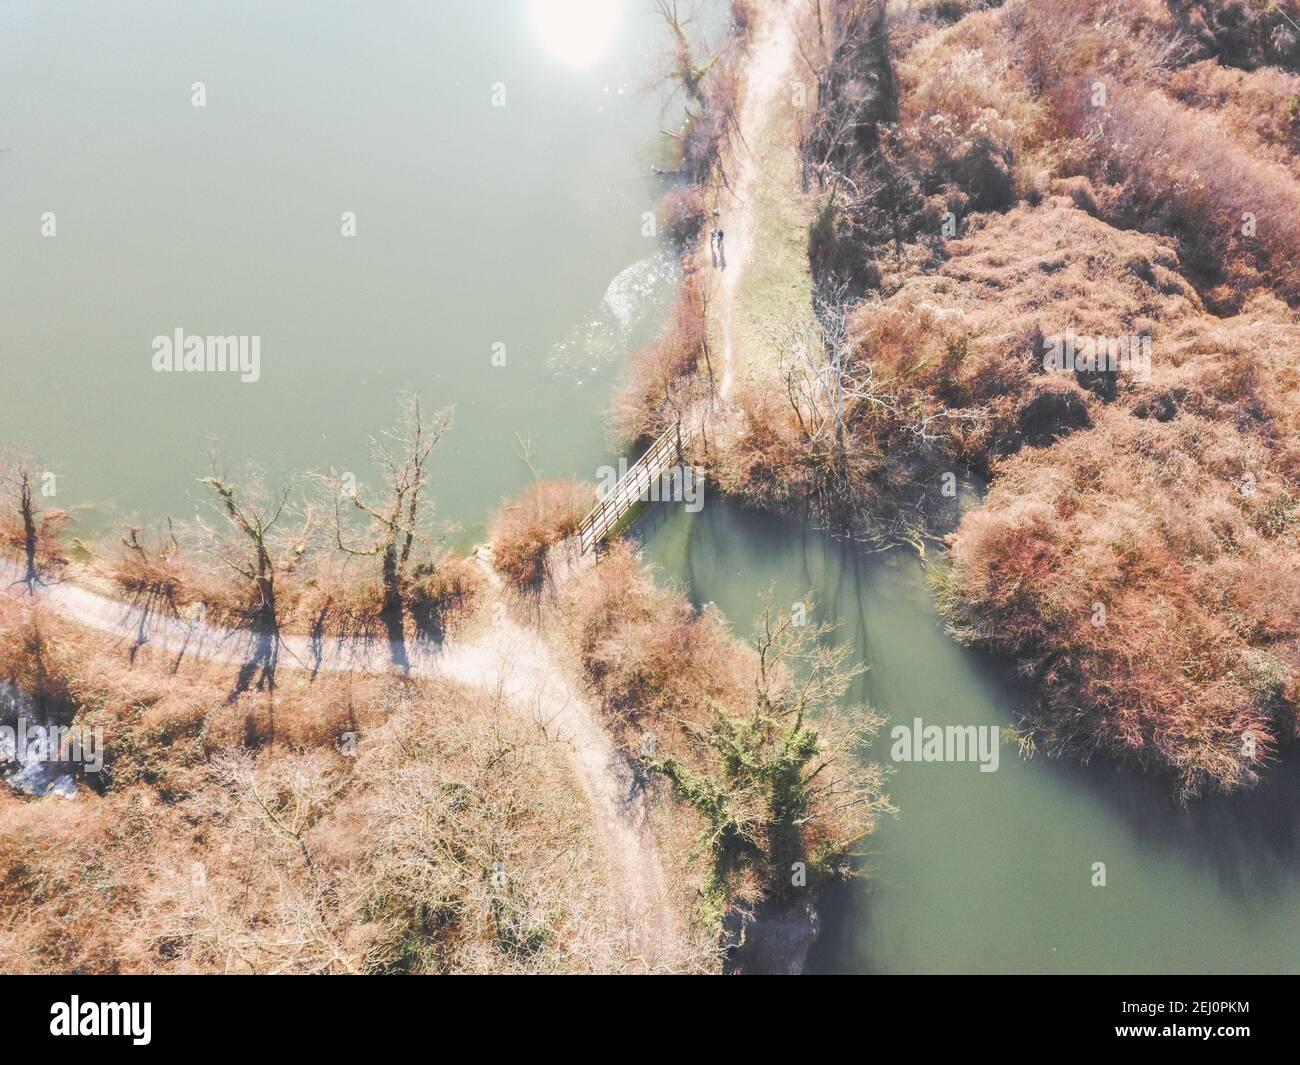 Vista aérea del estanque pesquero de Savica, situado cerca de la planta de calefacción oriental en la ciudad de Zagreb, sobre el puente de madera aislada que cruza el agua Foto de stock